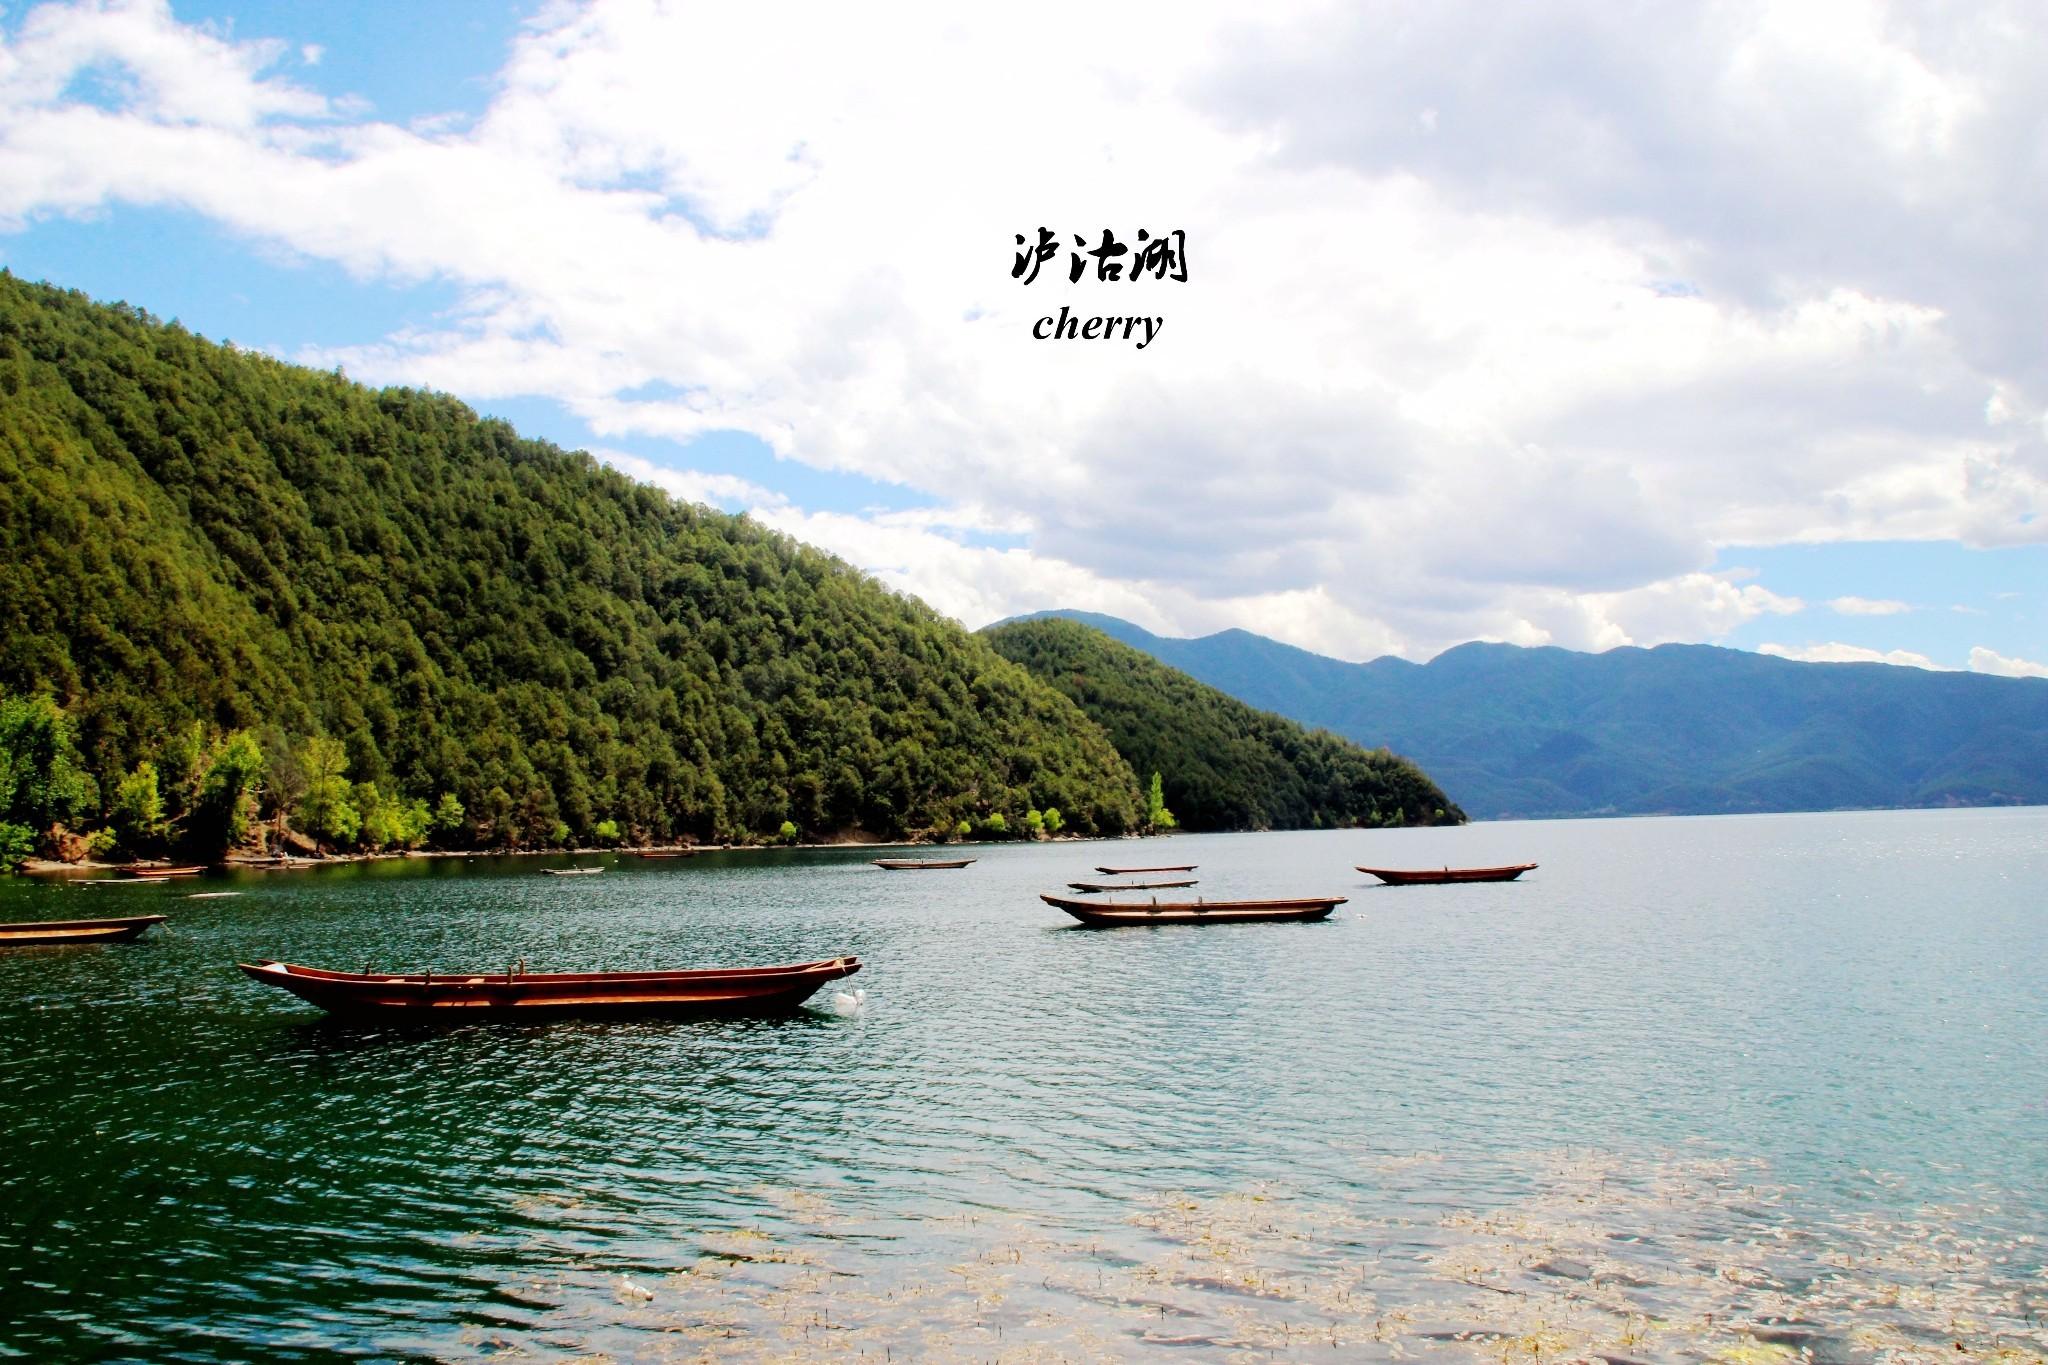 放空自己,三人行。(香格里拉——丽江——泸沽湖——黄山——上海) 艳遇·丽江,走婚·泸沽湖,猎艳·香格里拉,彩云之南的两个疯子般的女银